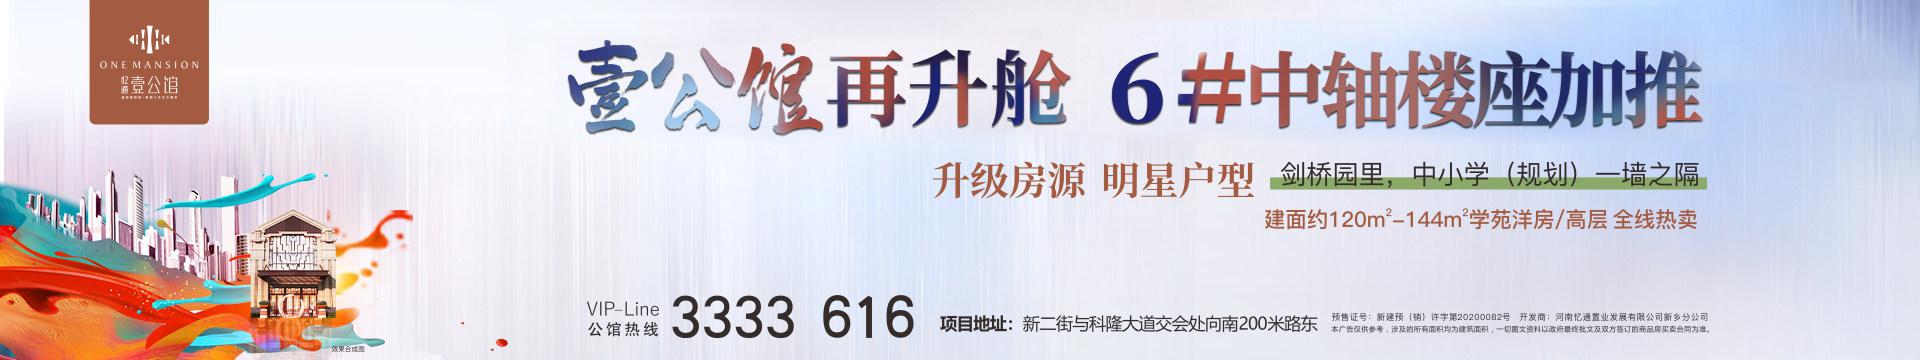 忆通壹公馆